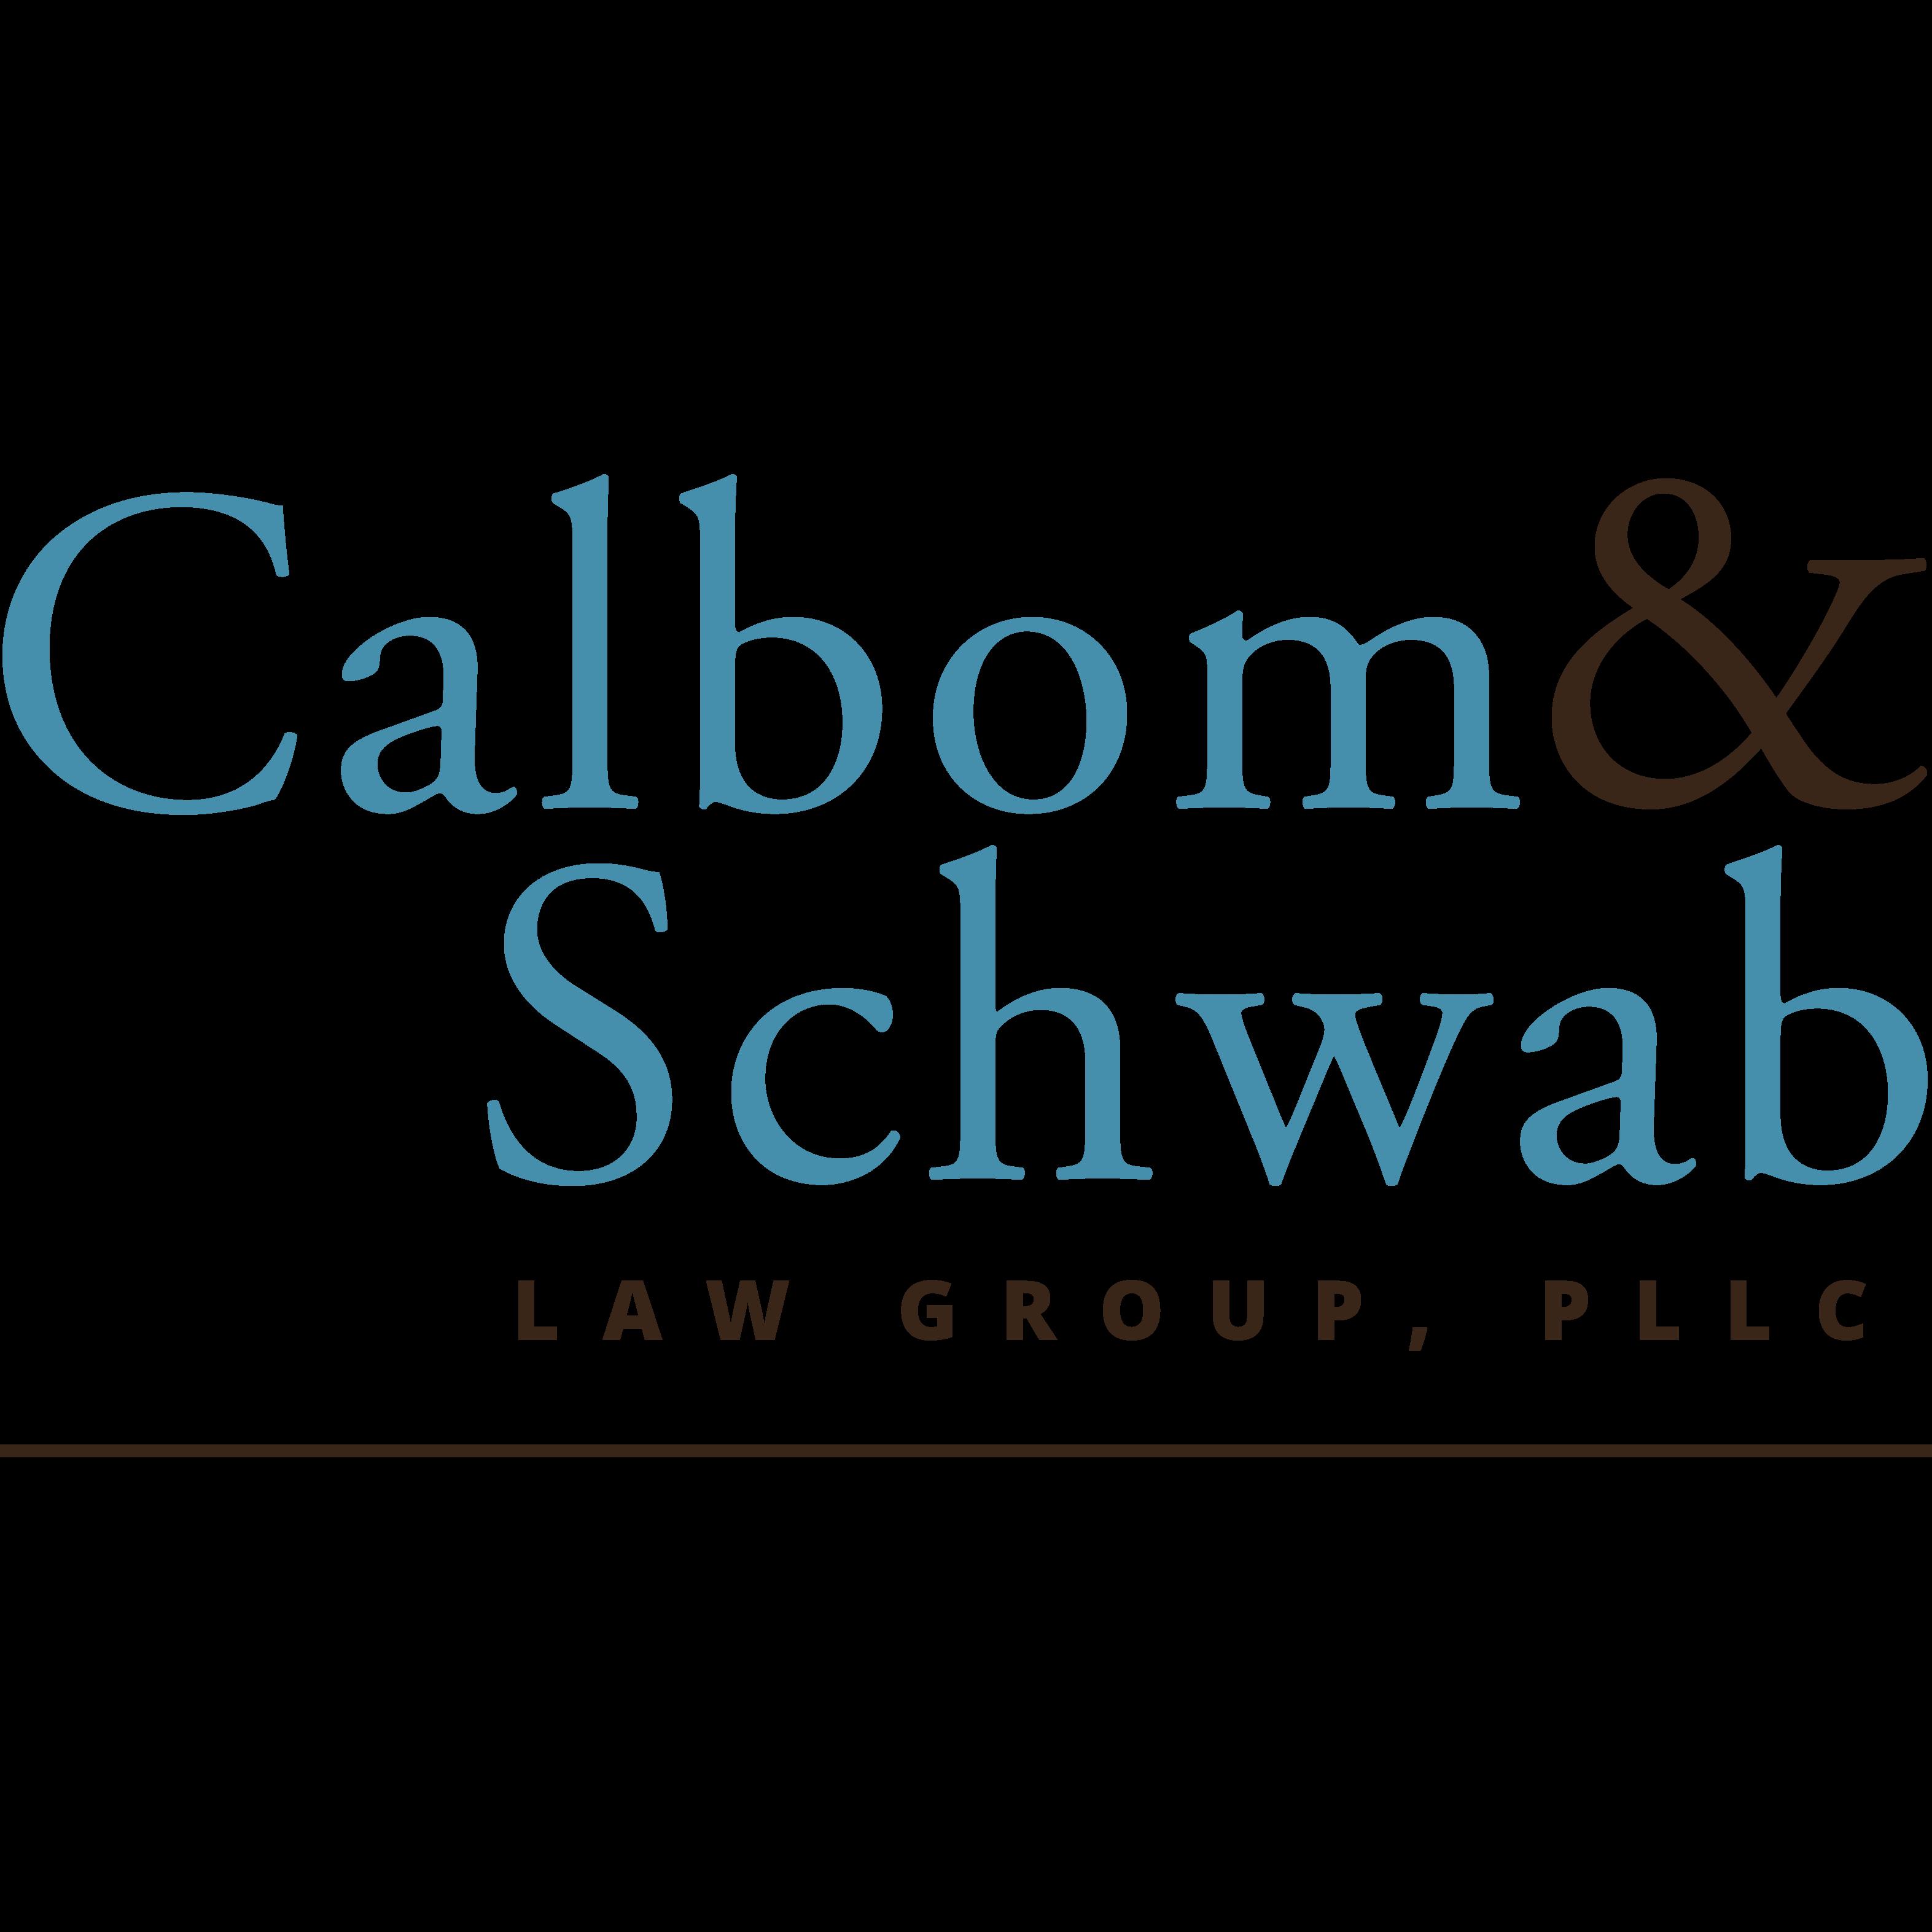 Calbom & Schwab Law Group, PLLC